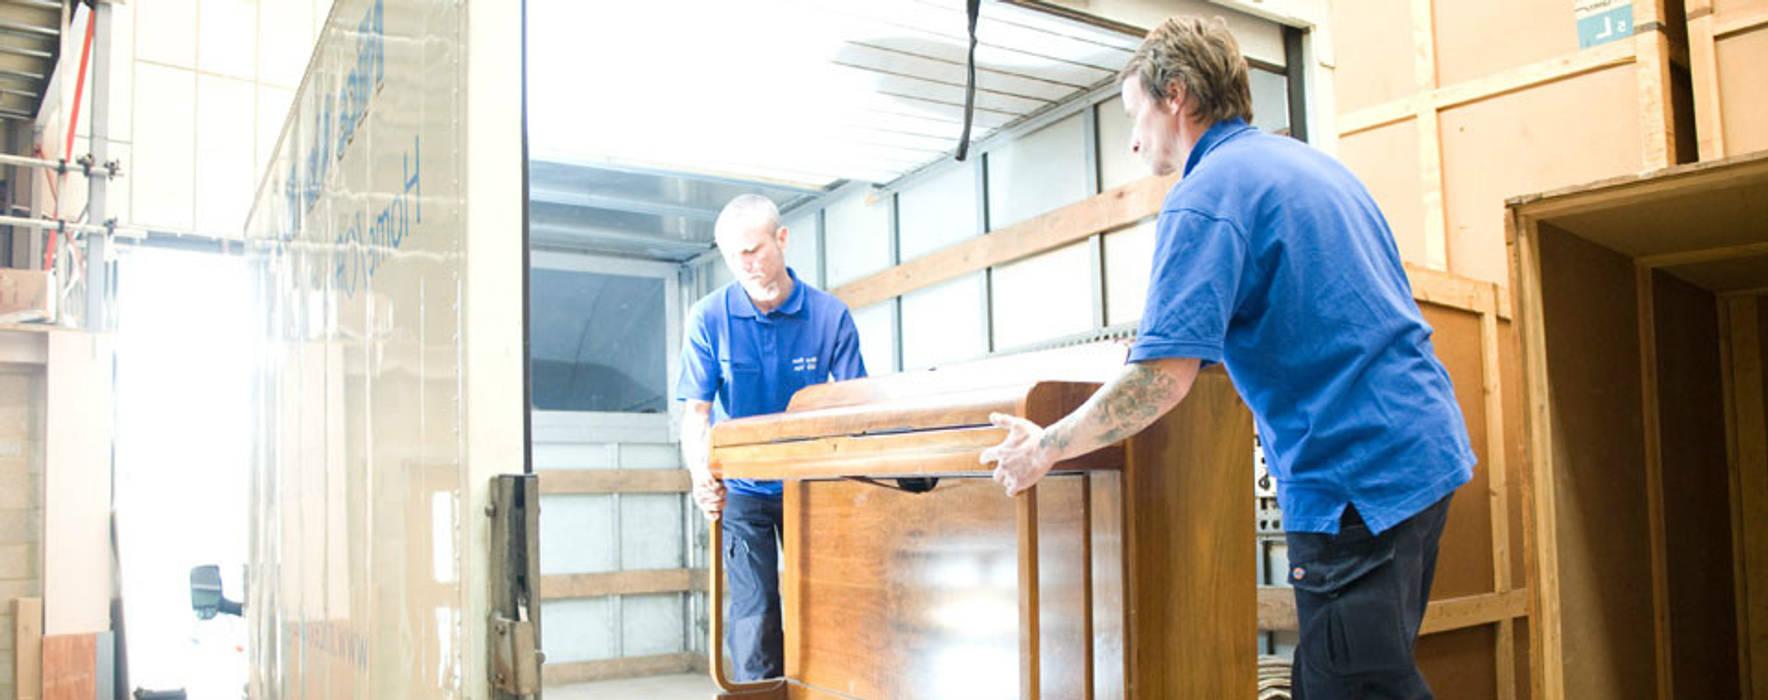 Part Load Removals Nice Man BIG Van Escritórios industriais Alumínio/Zinco Ambar/dourado